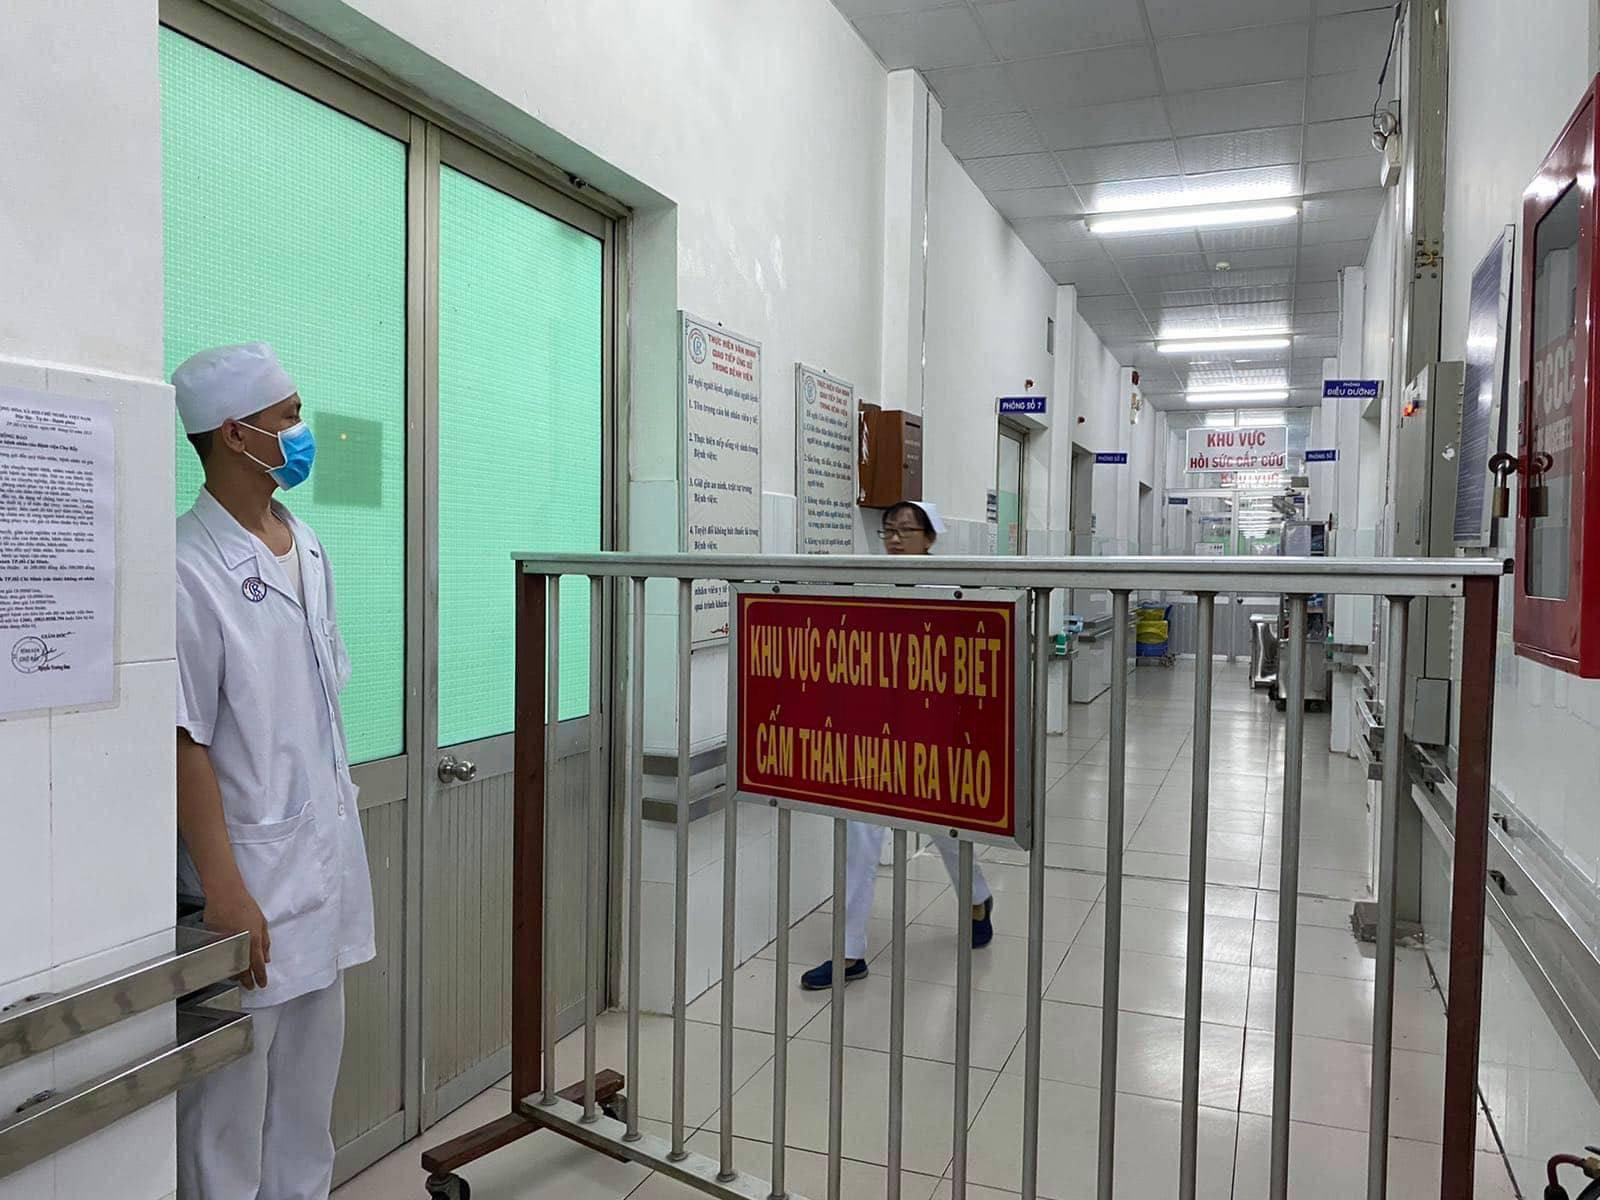 Bệnh viện Chợ Rẫy đang điều trị 2 bệnh nhân đến từ Trung Quốc nhiễm virus corona